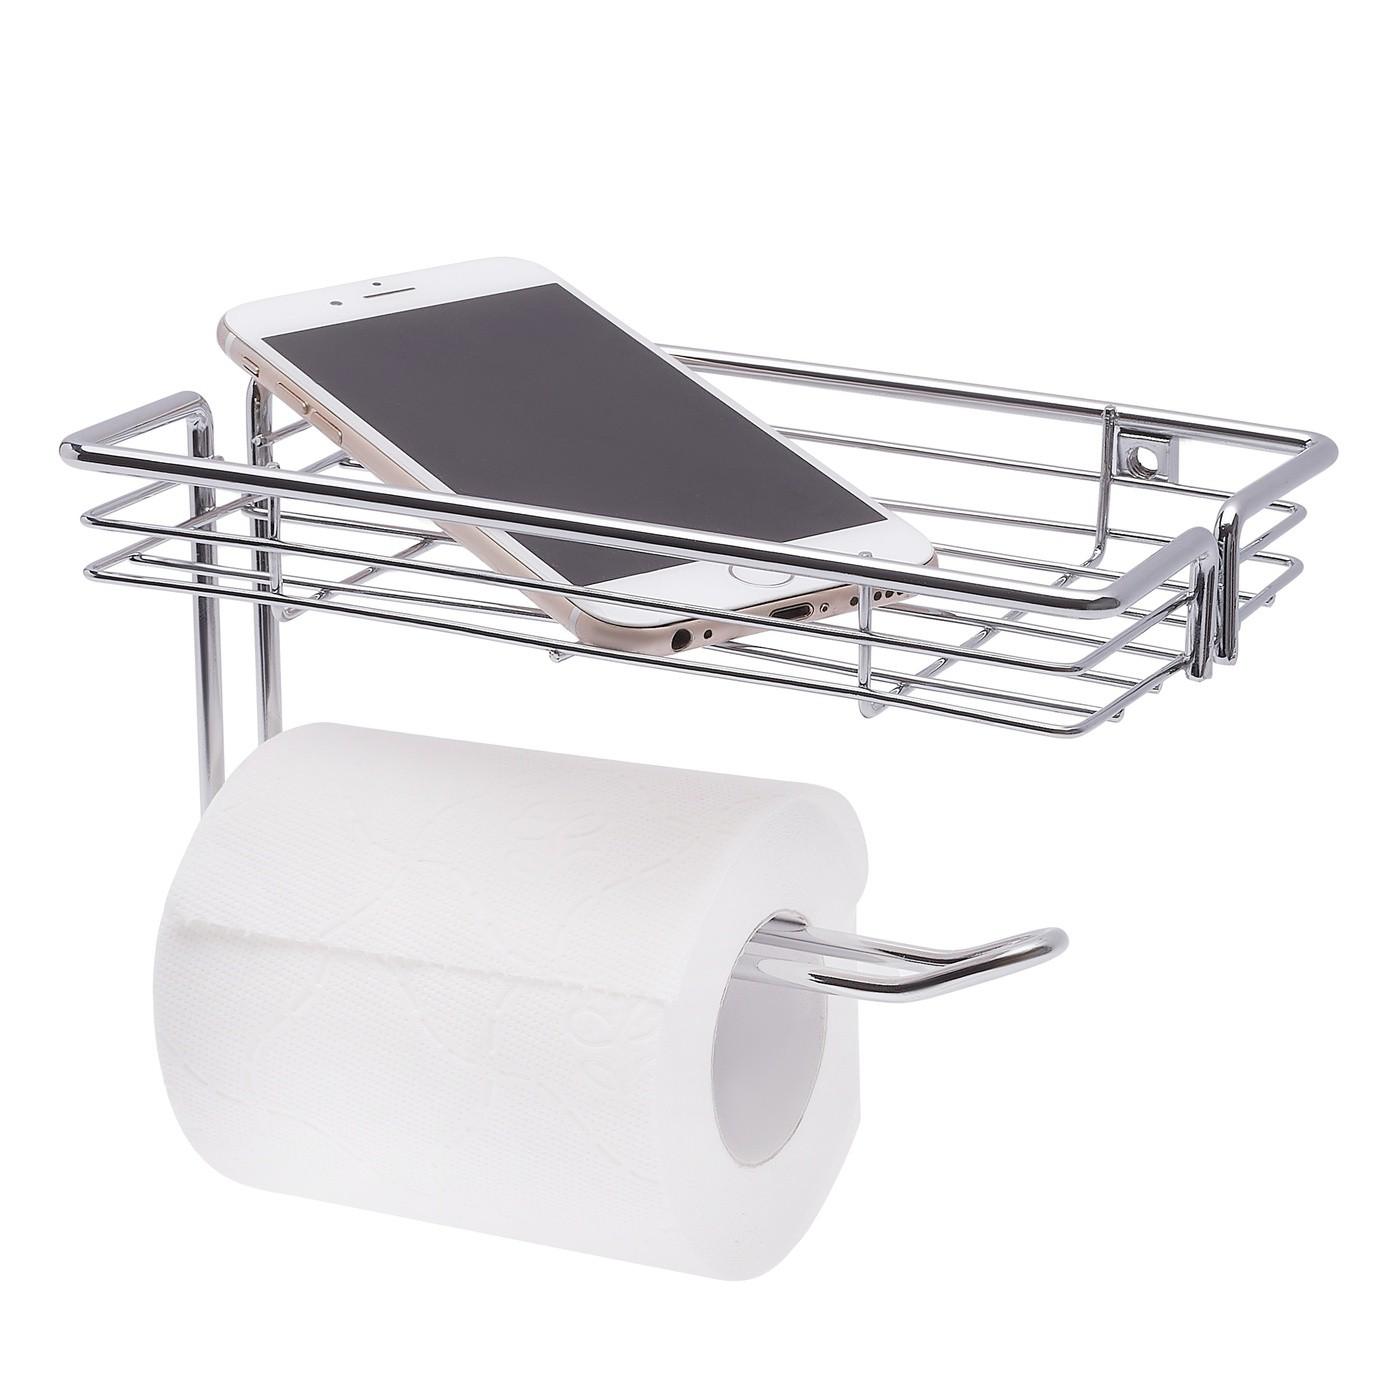 Držiak na toaletný papier s poličkou 18,5 x 11,5 x 9 cm megamix.sk